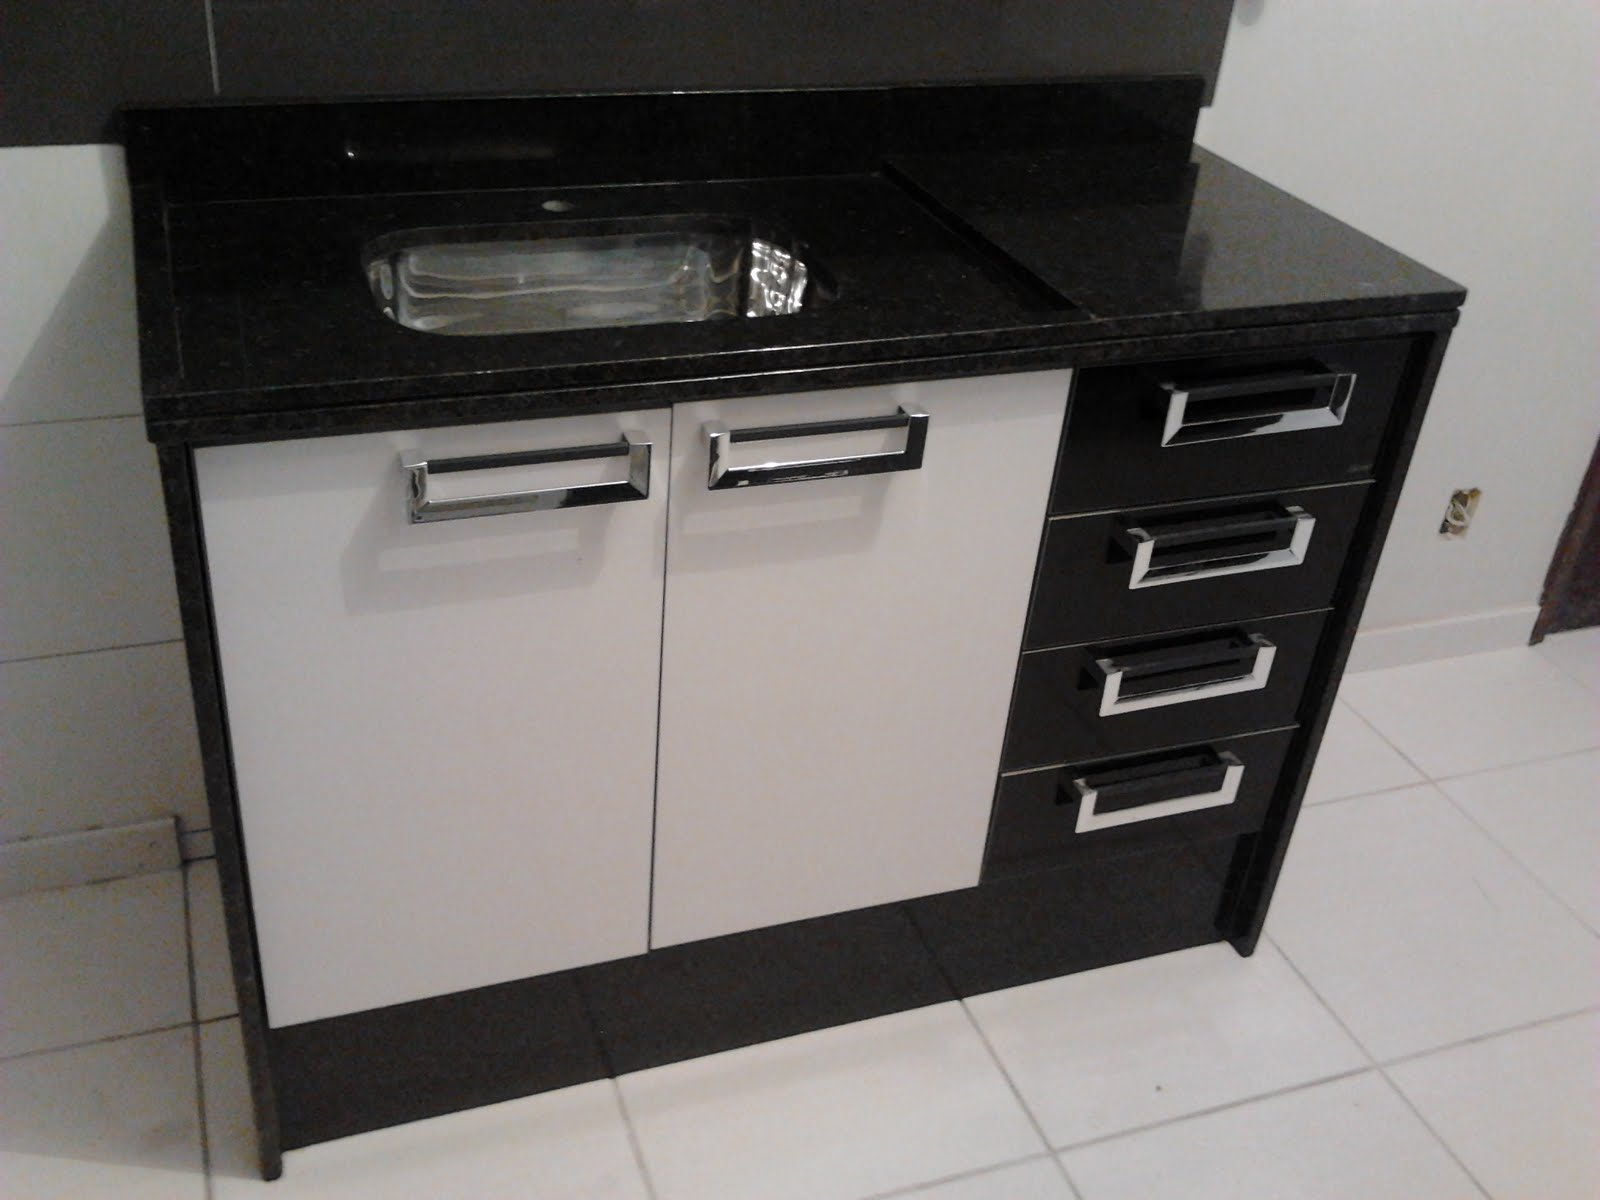 da cozinha e banheiro além das louças do banheiro. Vamos as fotos #58514A 1600 1200